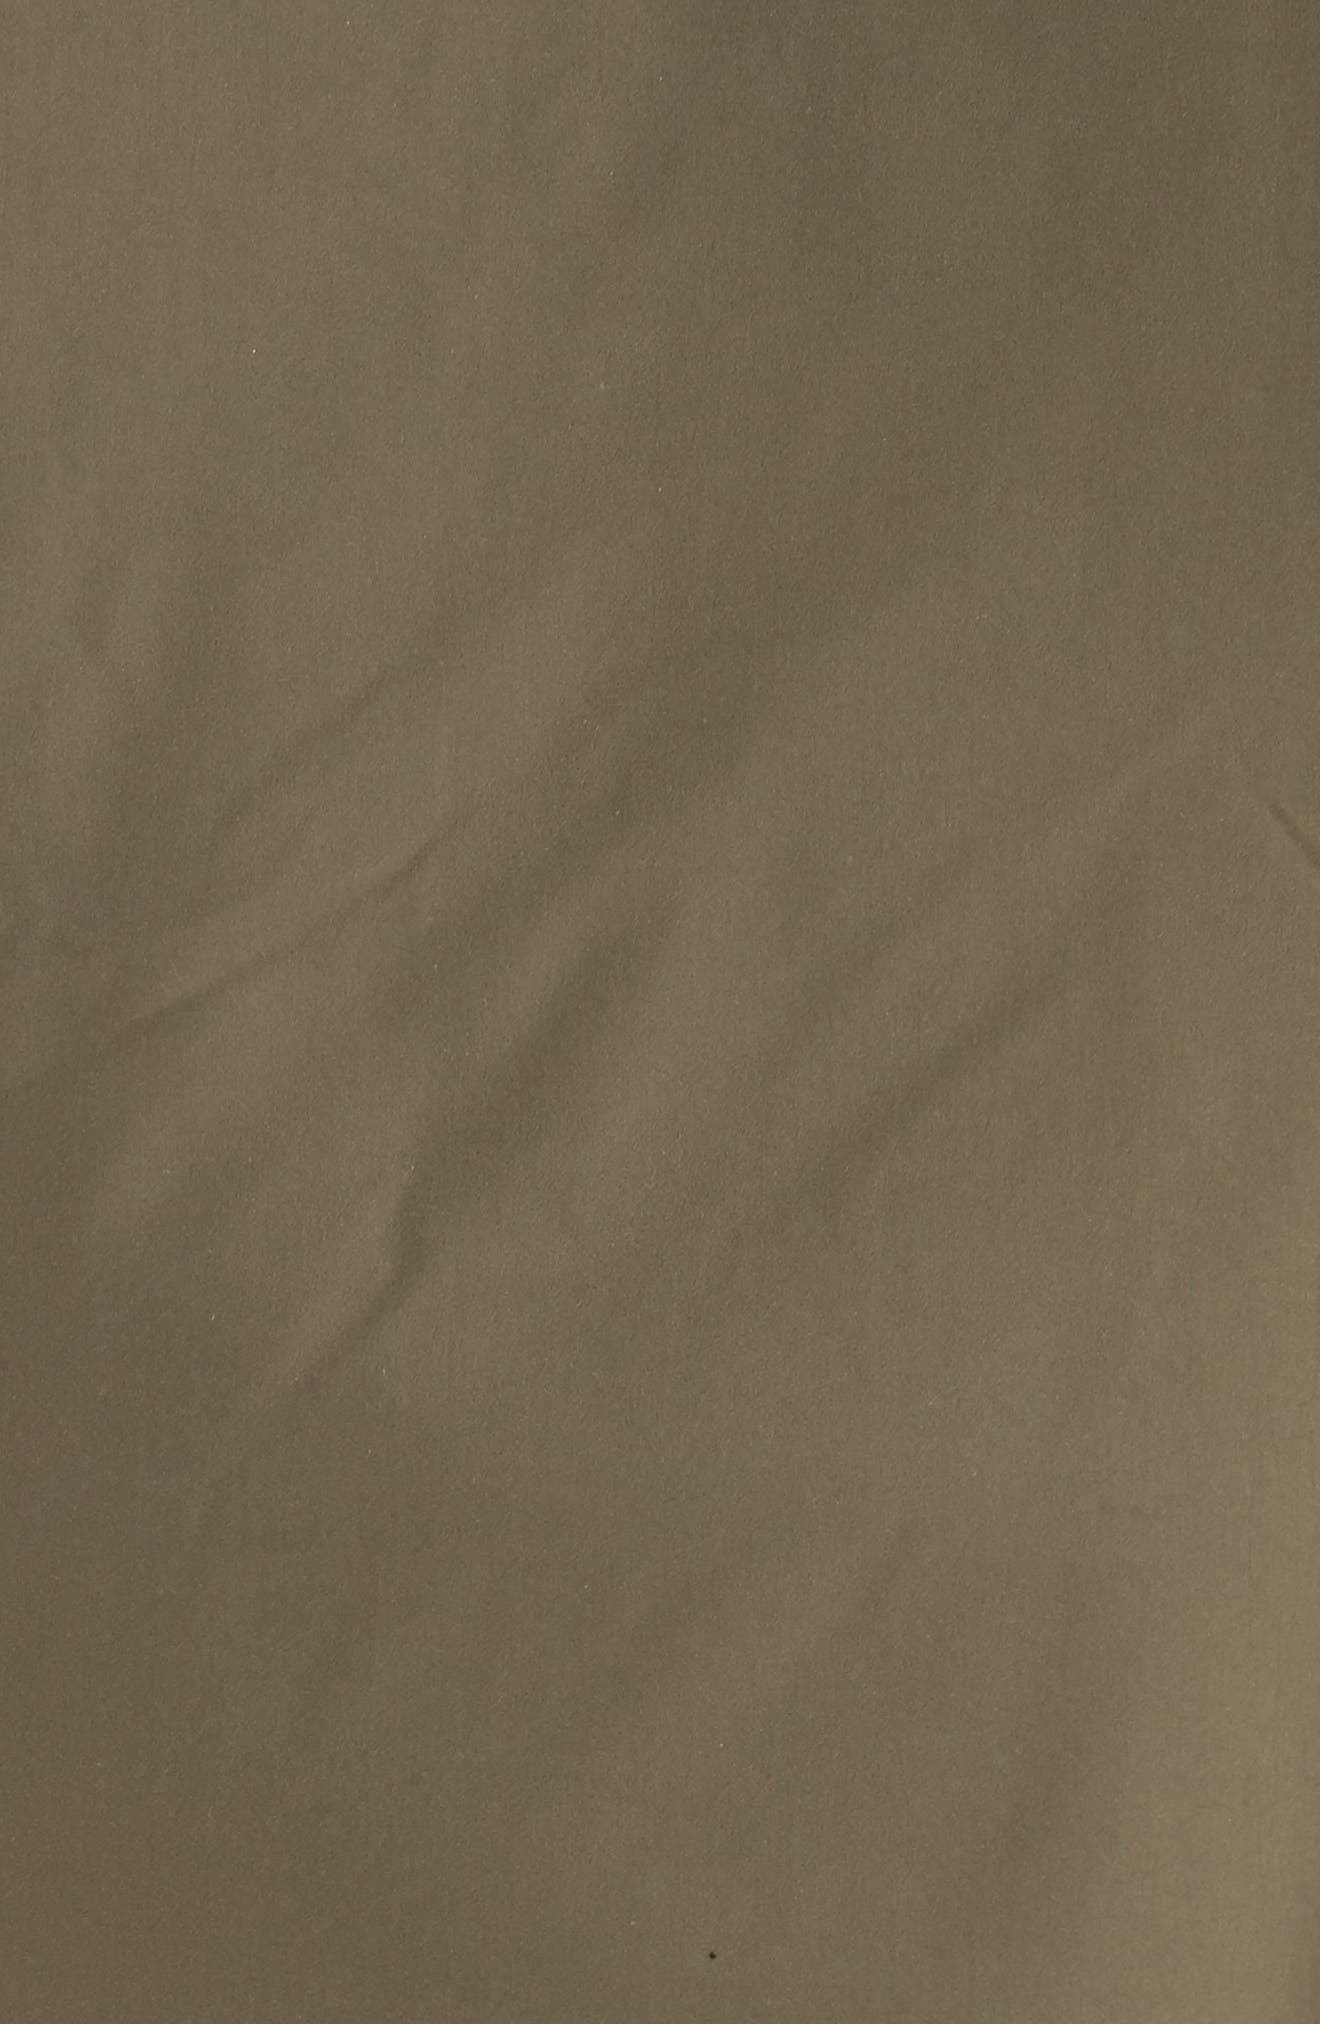 PSWL Padded Short Windbreaker,                             Alternate thumbnail 5, color,                             326